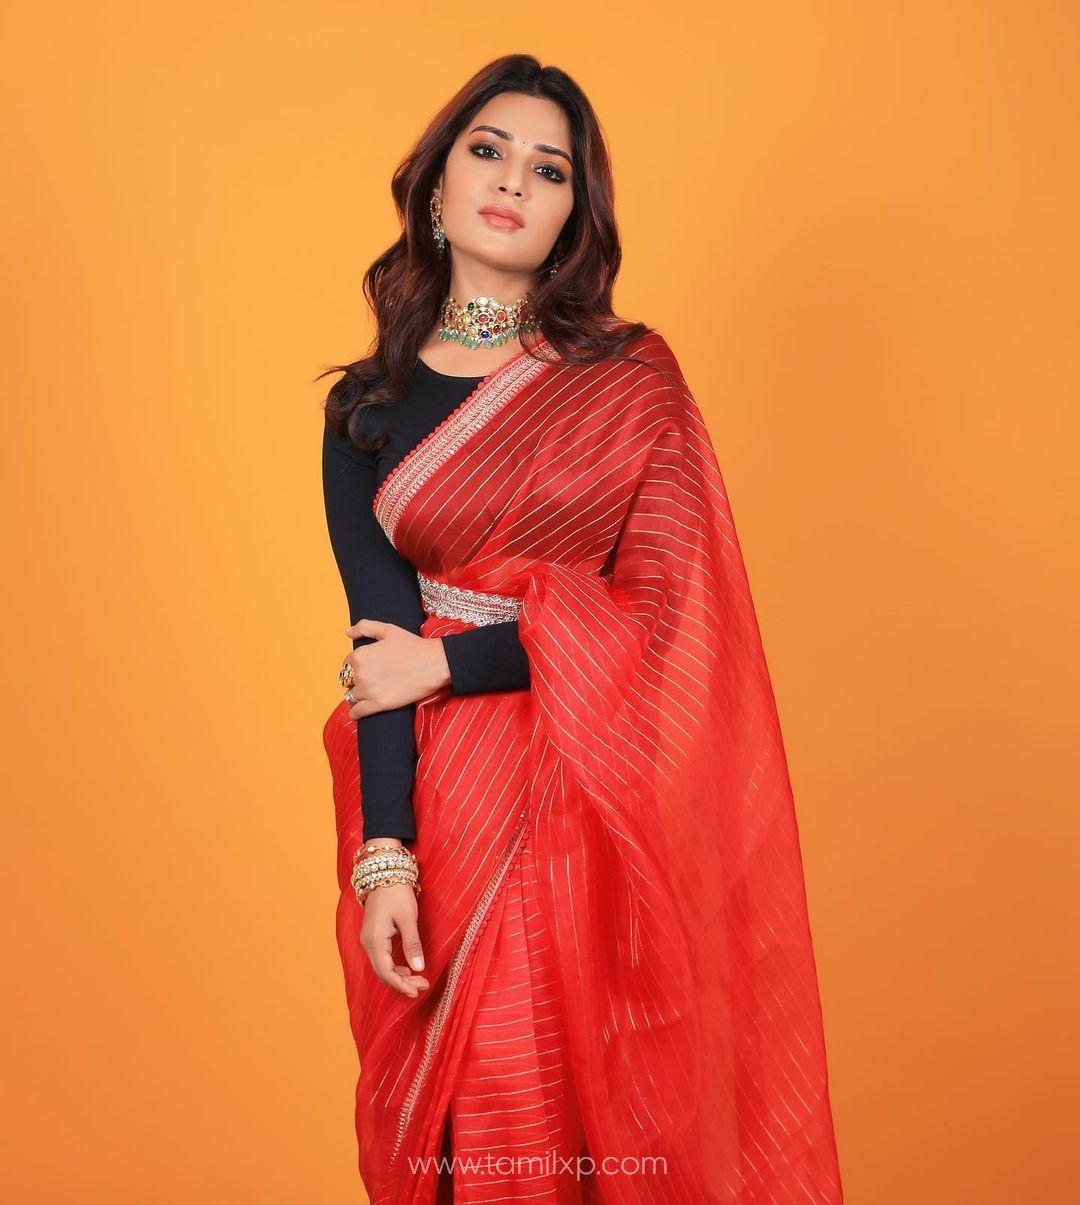 tamil actress aathmika photos